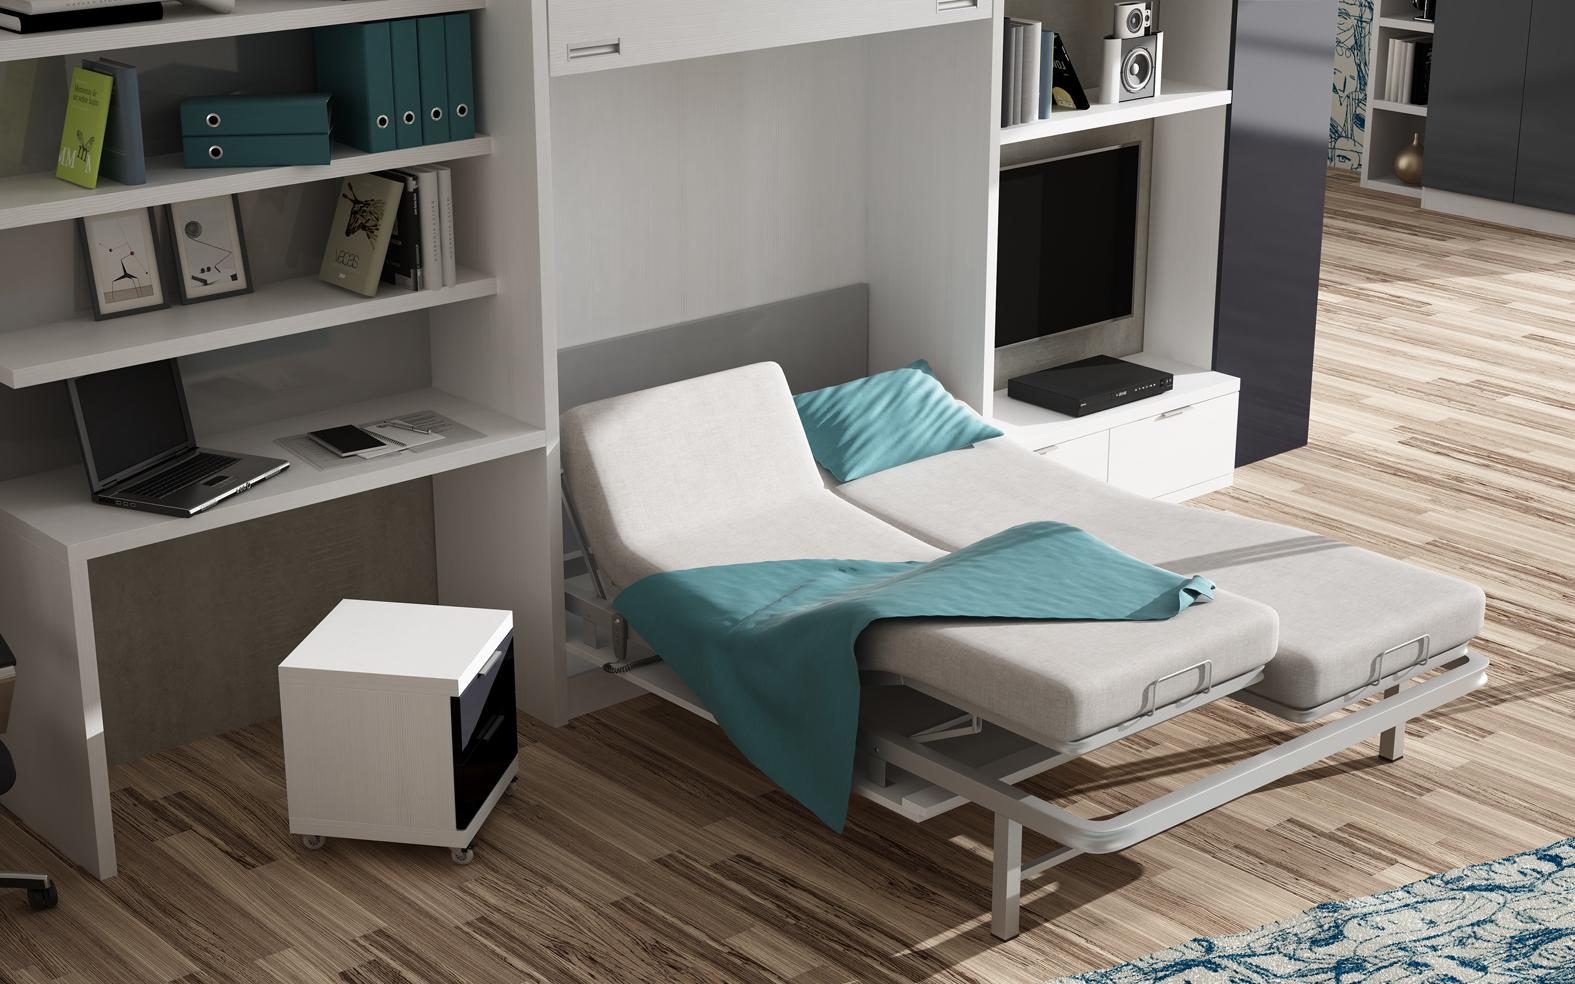 camas abatibles baratas simple camas abatibles baratas